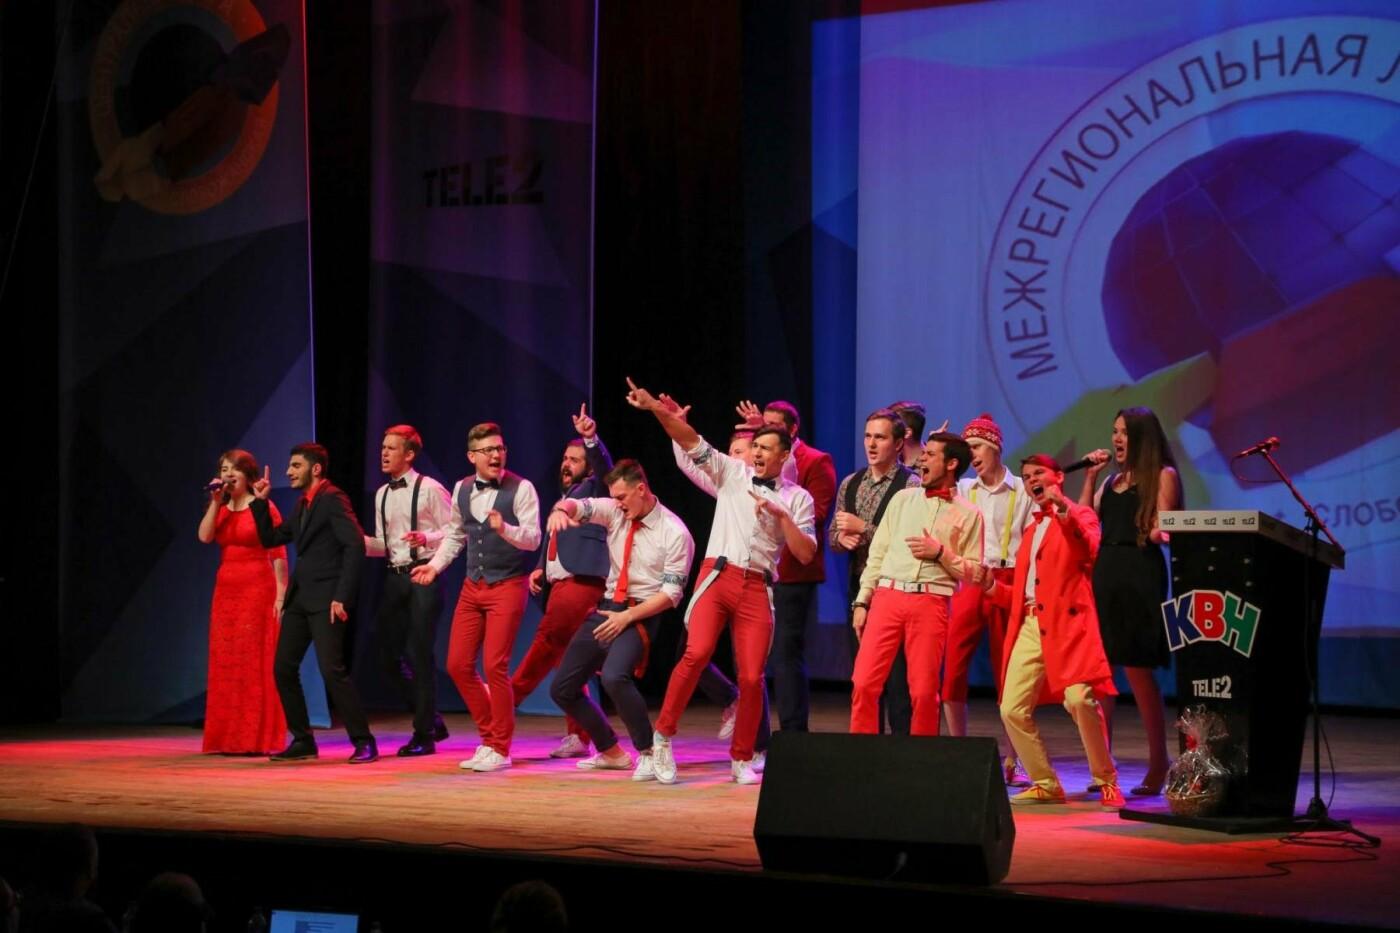 В Белгороде прошёл полуфинал Слобожанской лиги КВН, фото-14